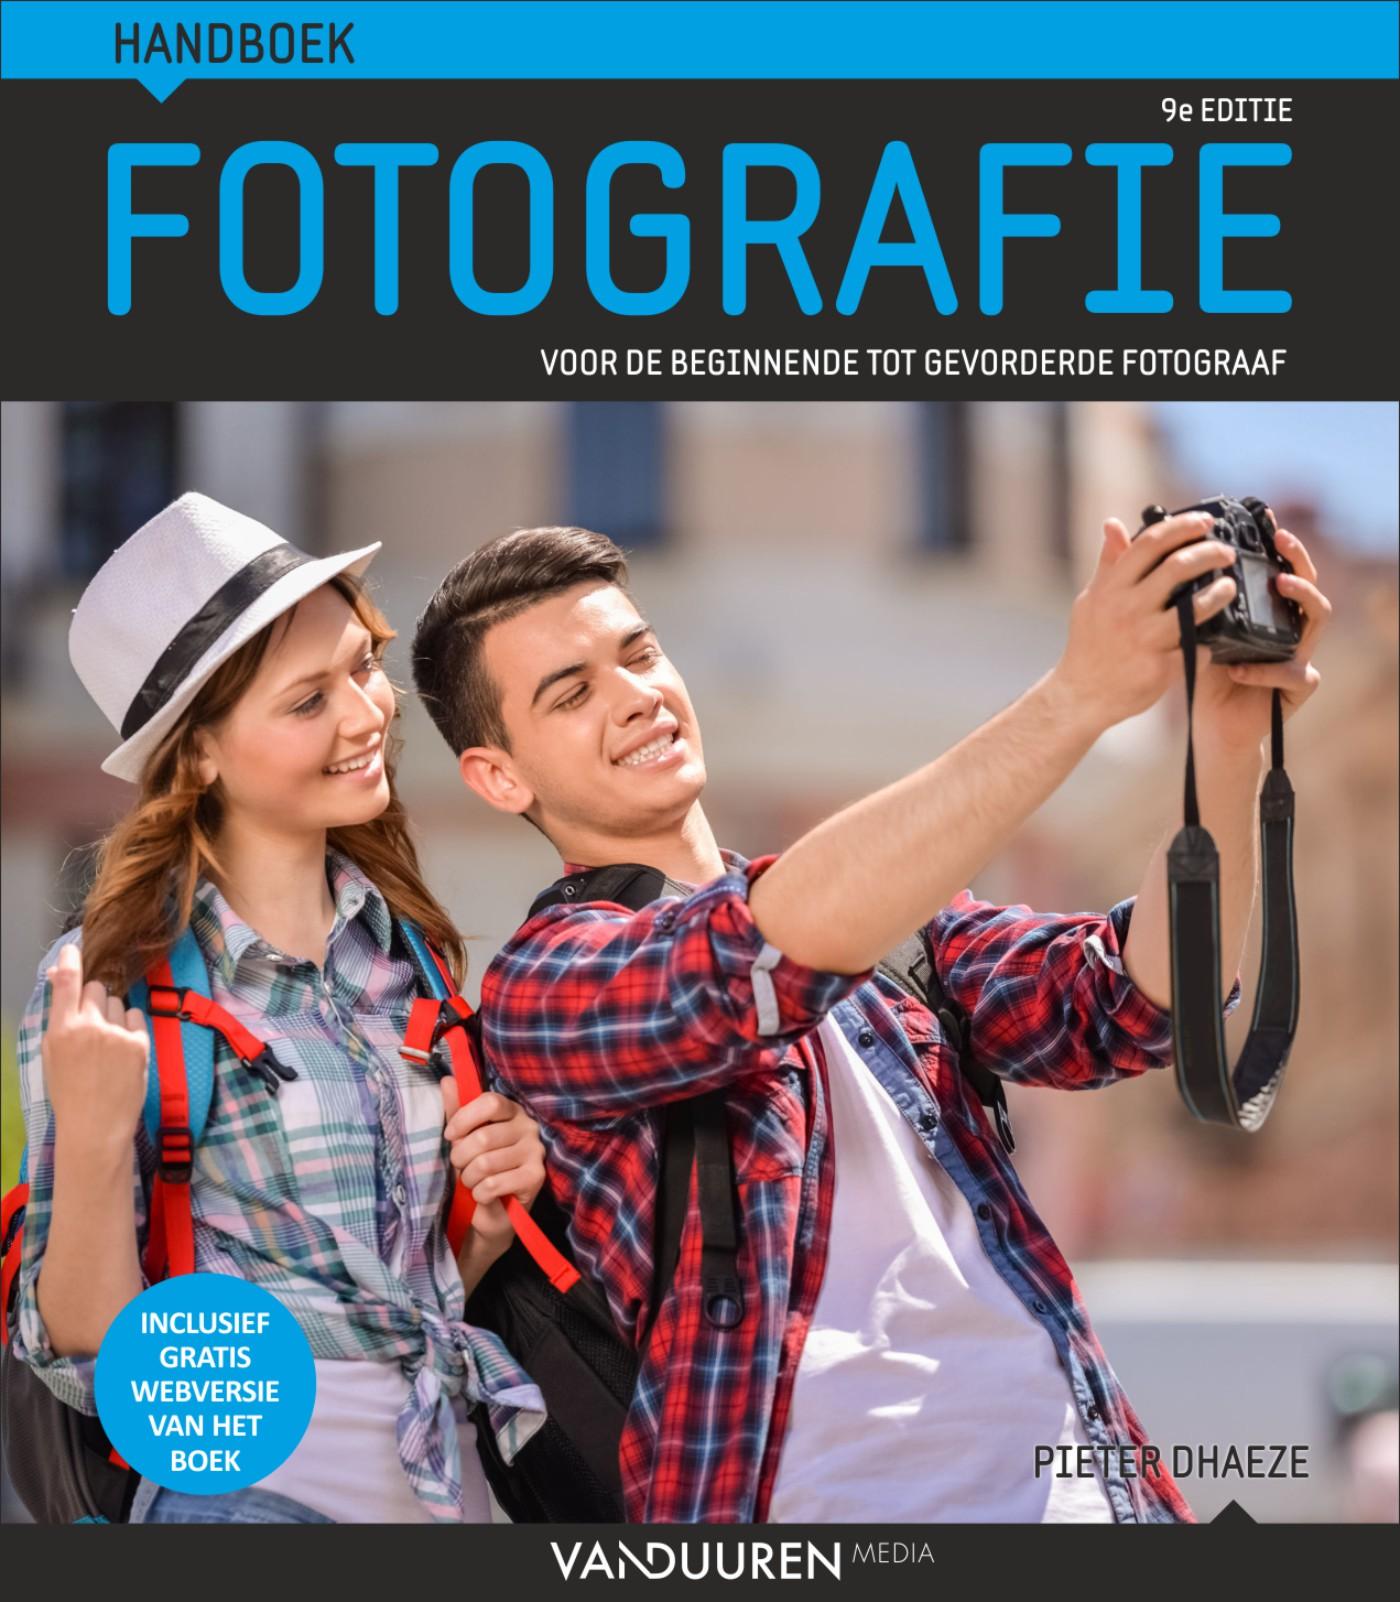 Handboek fotografie- Pieter Dhaeze, 9e editie, isbn 9789463560504